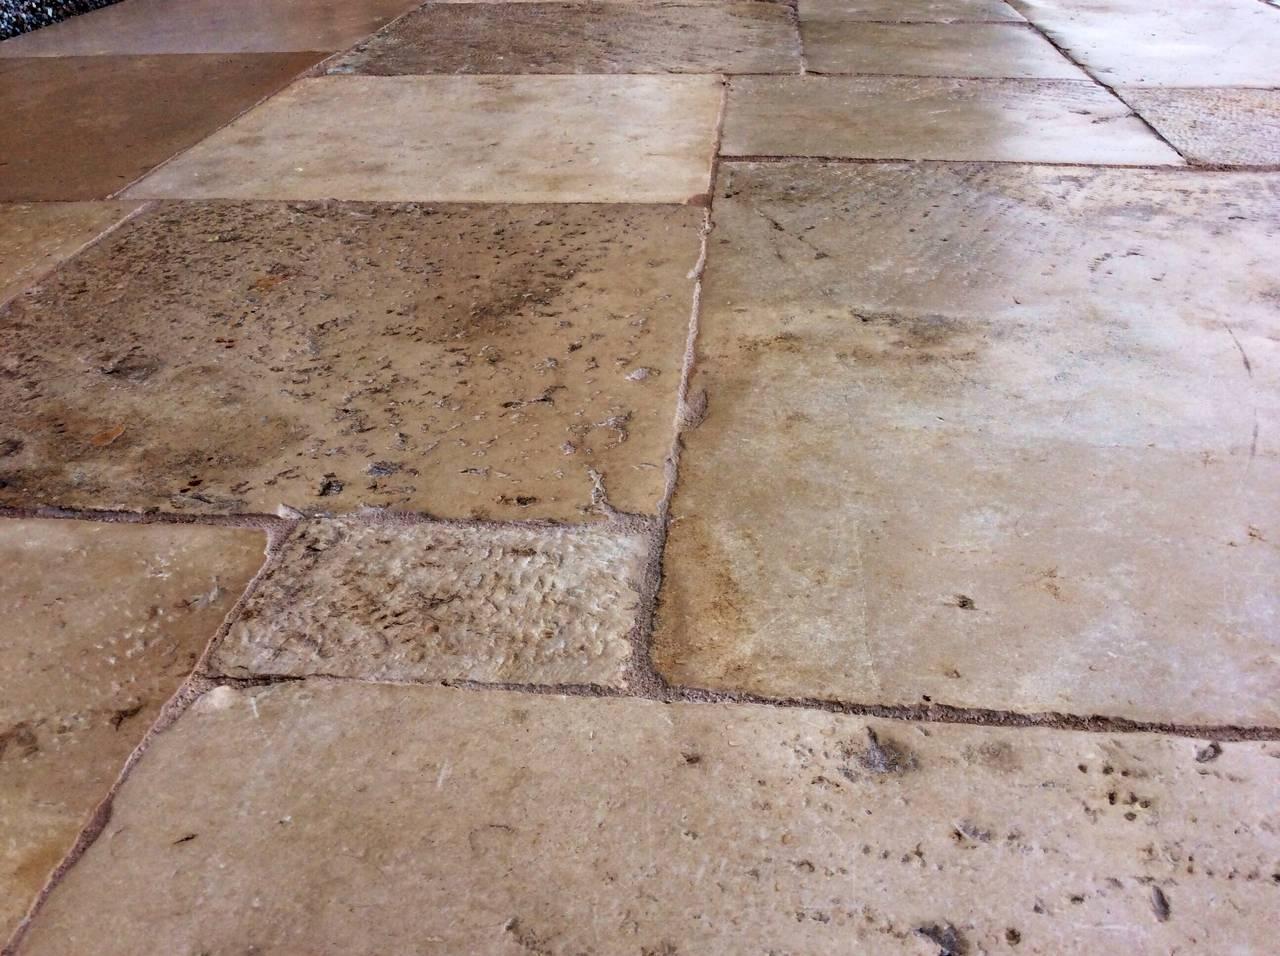 Antique dalle de bourgogne original french stone floors - Dalle de bourgogne ...